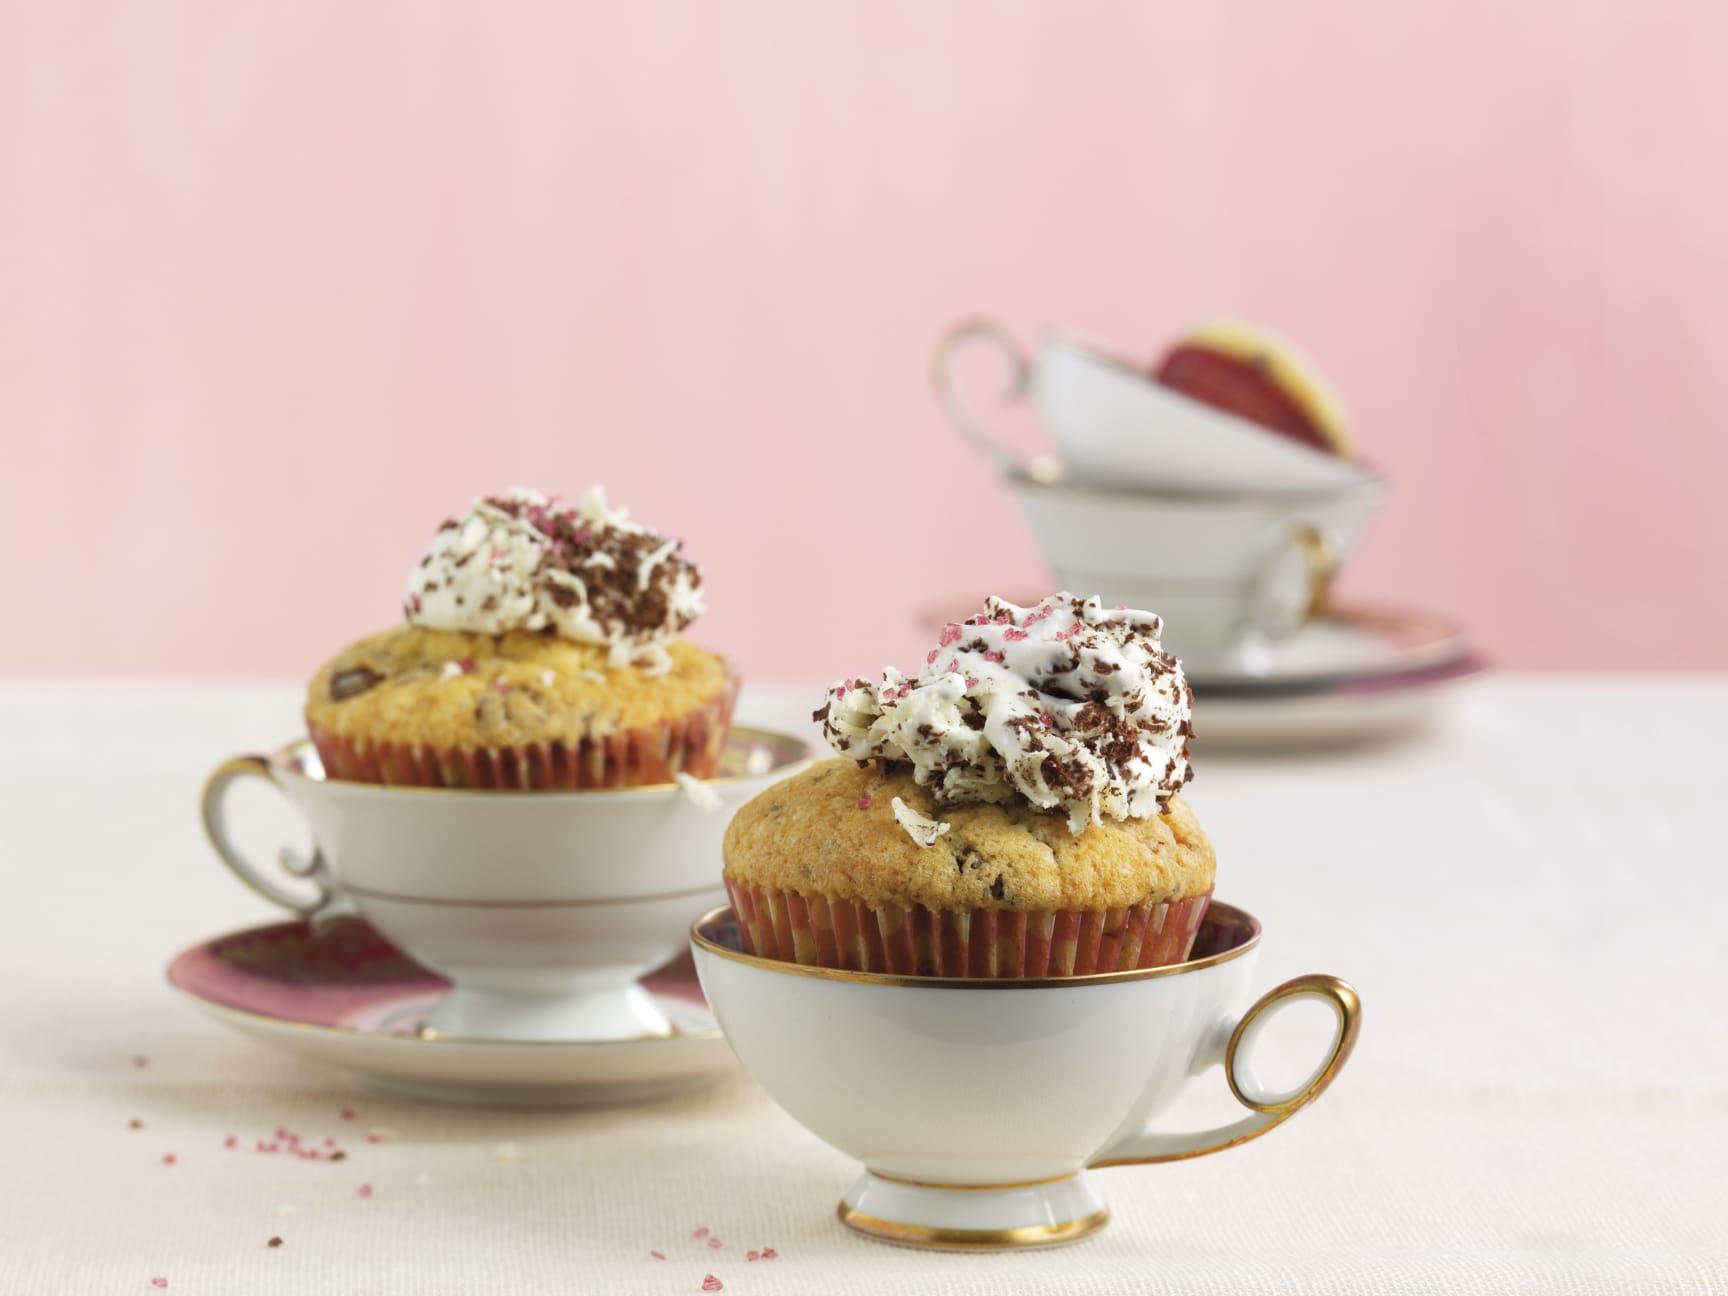 Muffins mit Schoko-Rahm-Topping